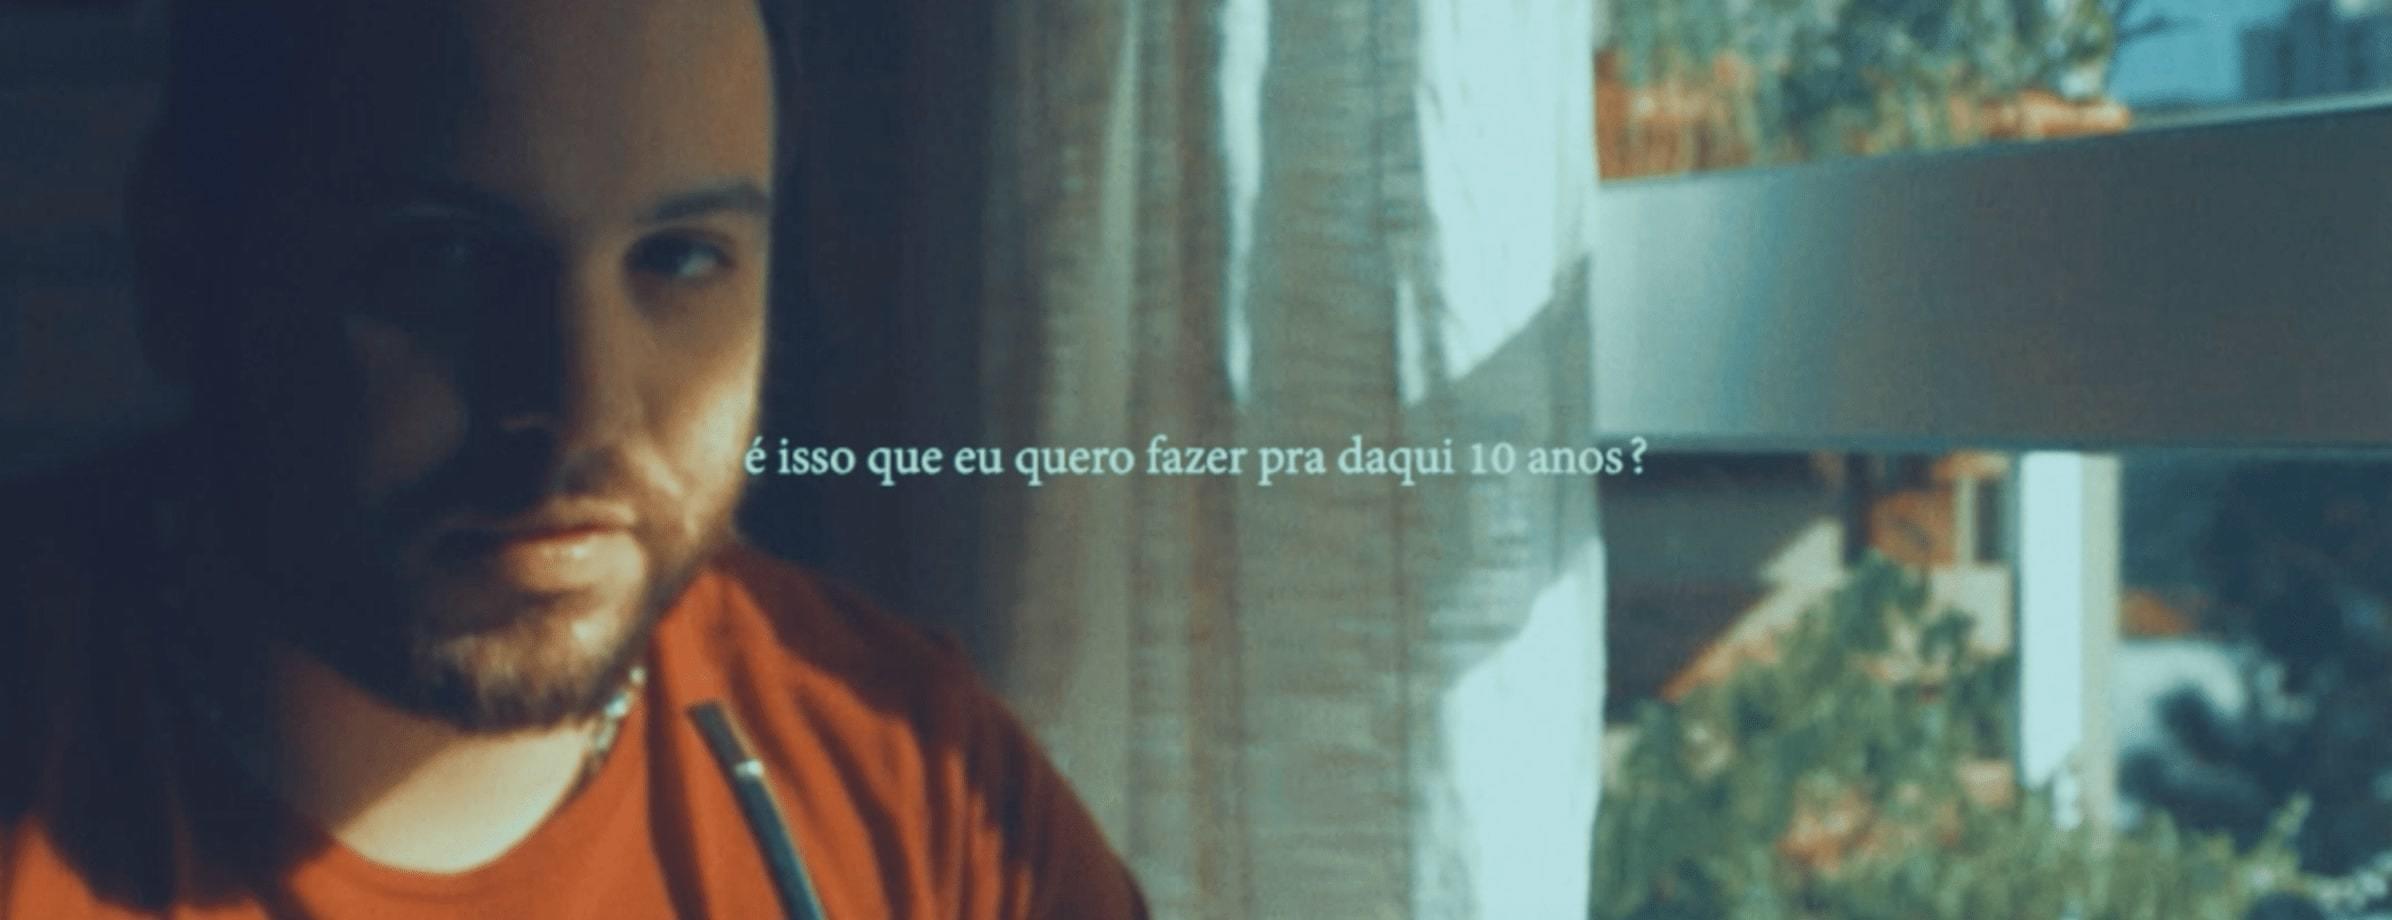 Sobre Eduardo de Moraes Fotografia | Fotógrafo de Casamentos e Família - Caxias do Sul e Mundo!